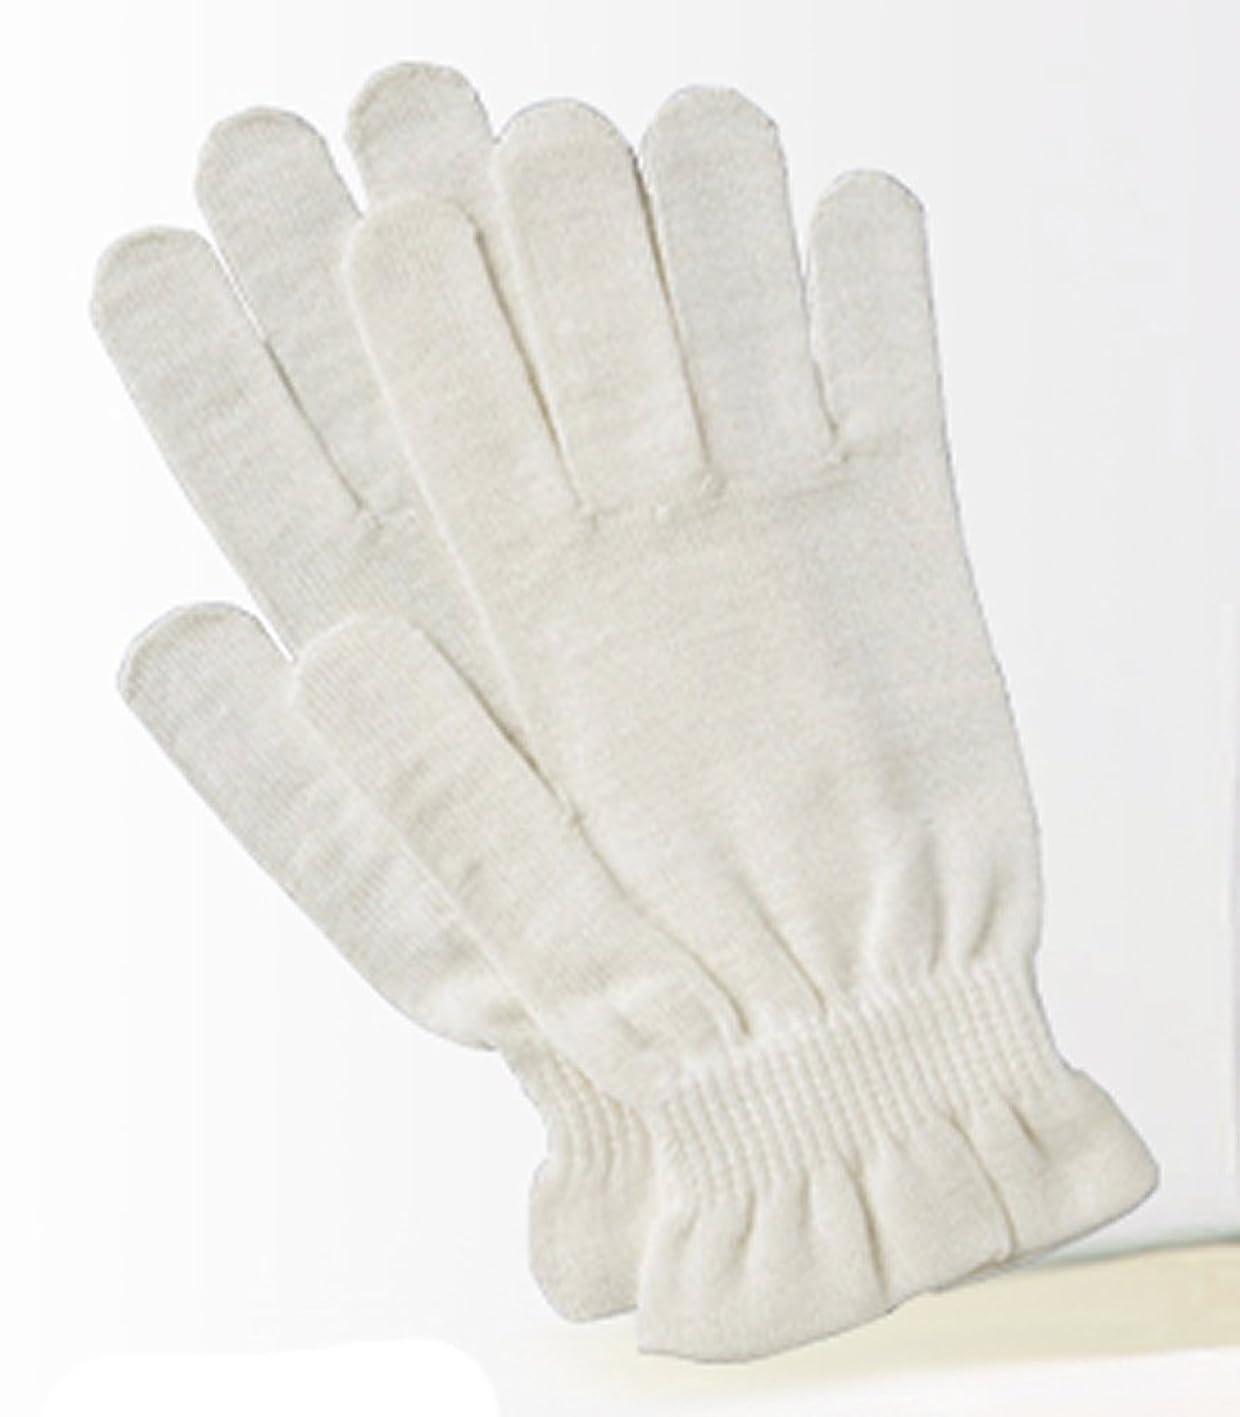 アイデアシャベル耳京都西陣の絹糸屋さんのシルク手袋